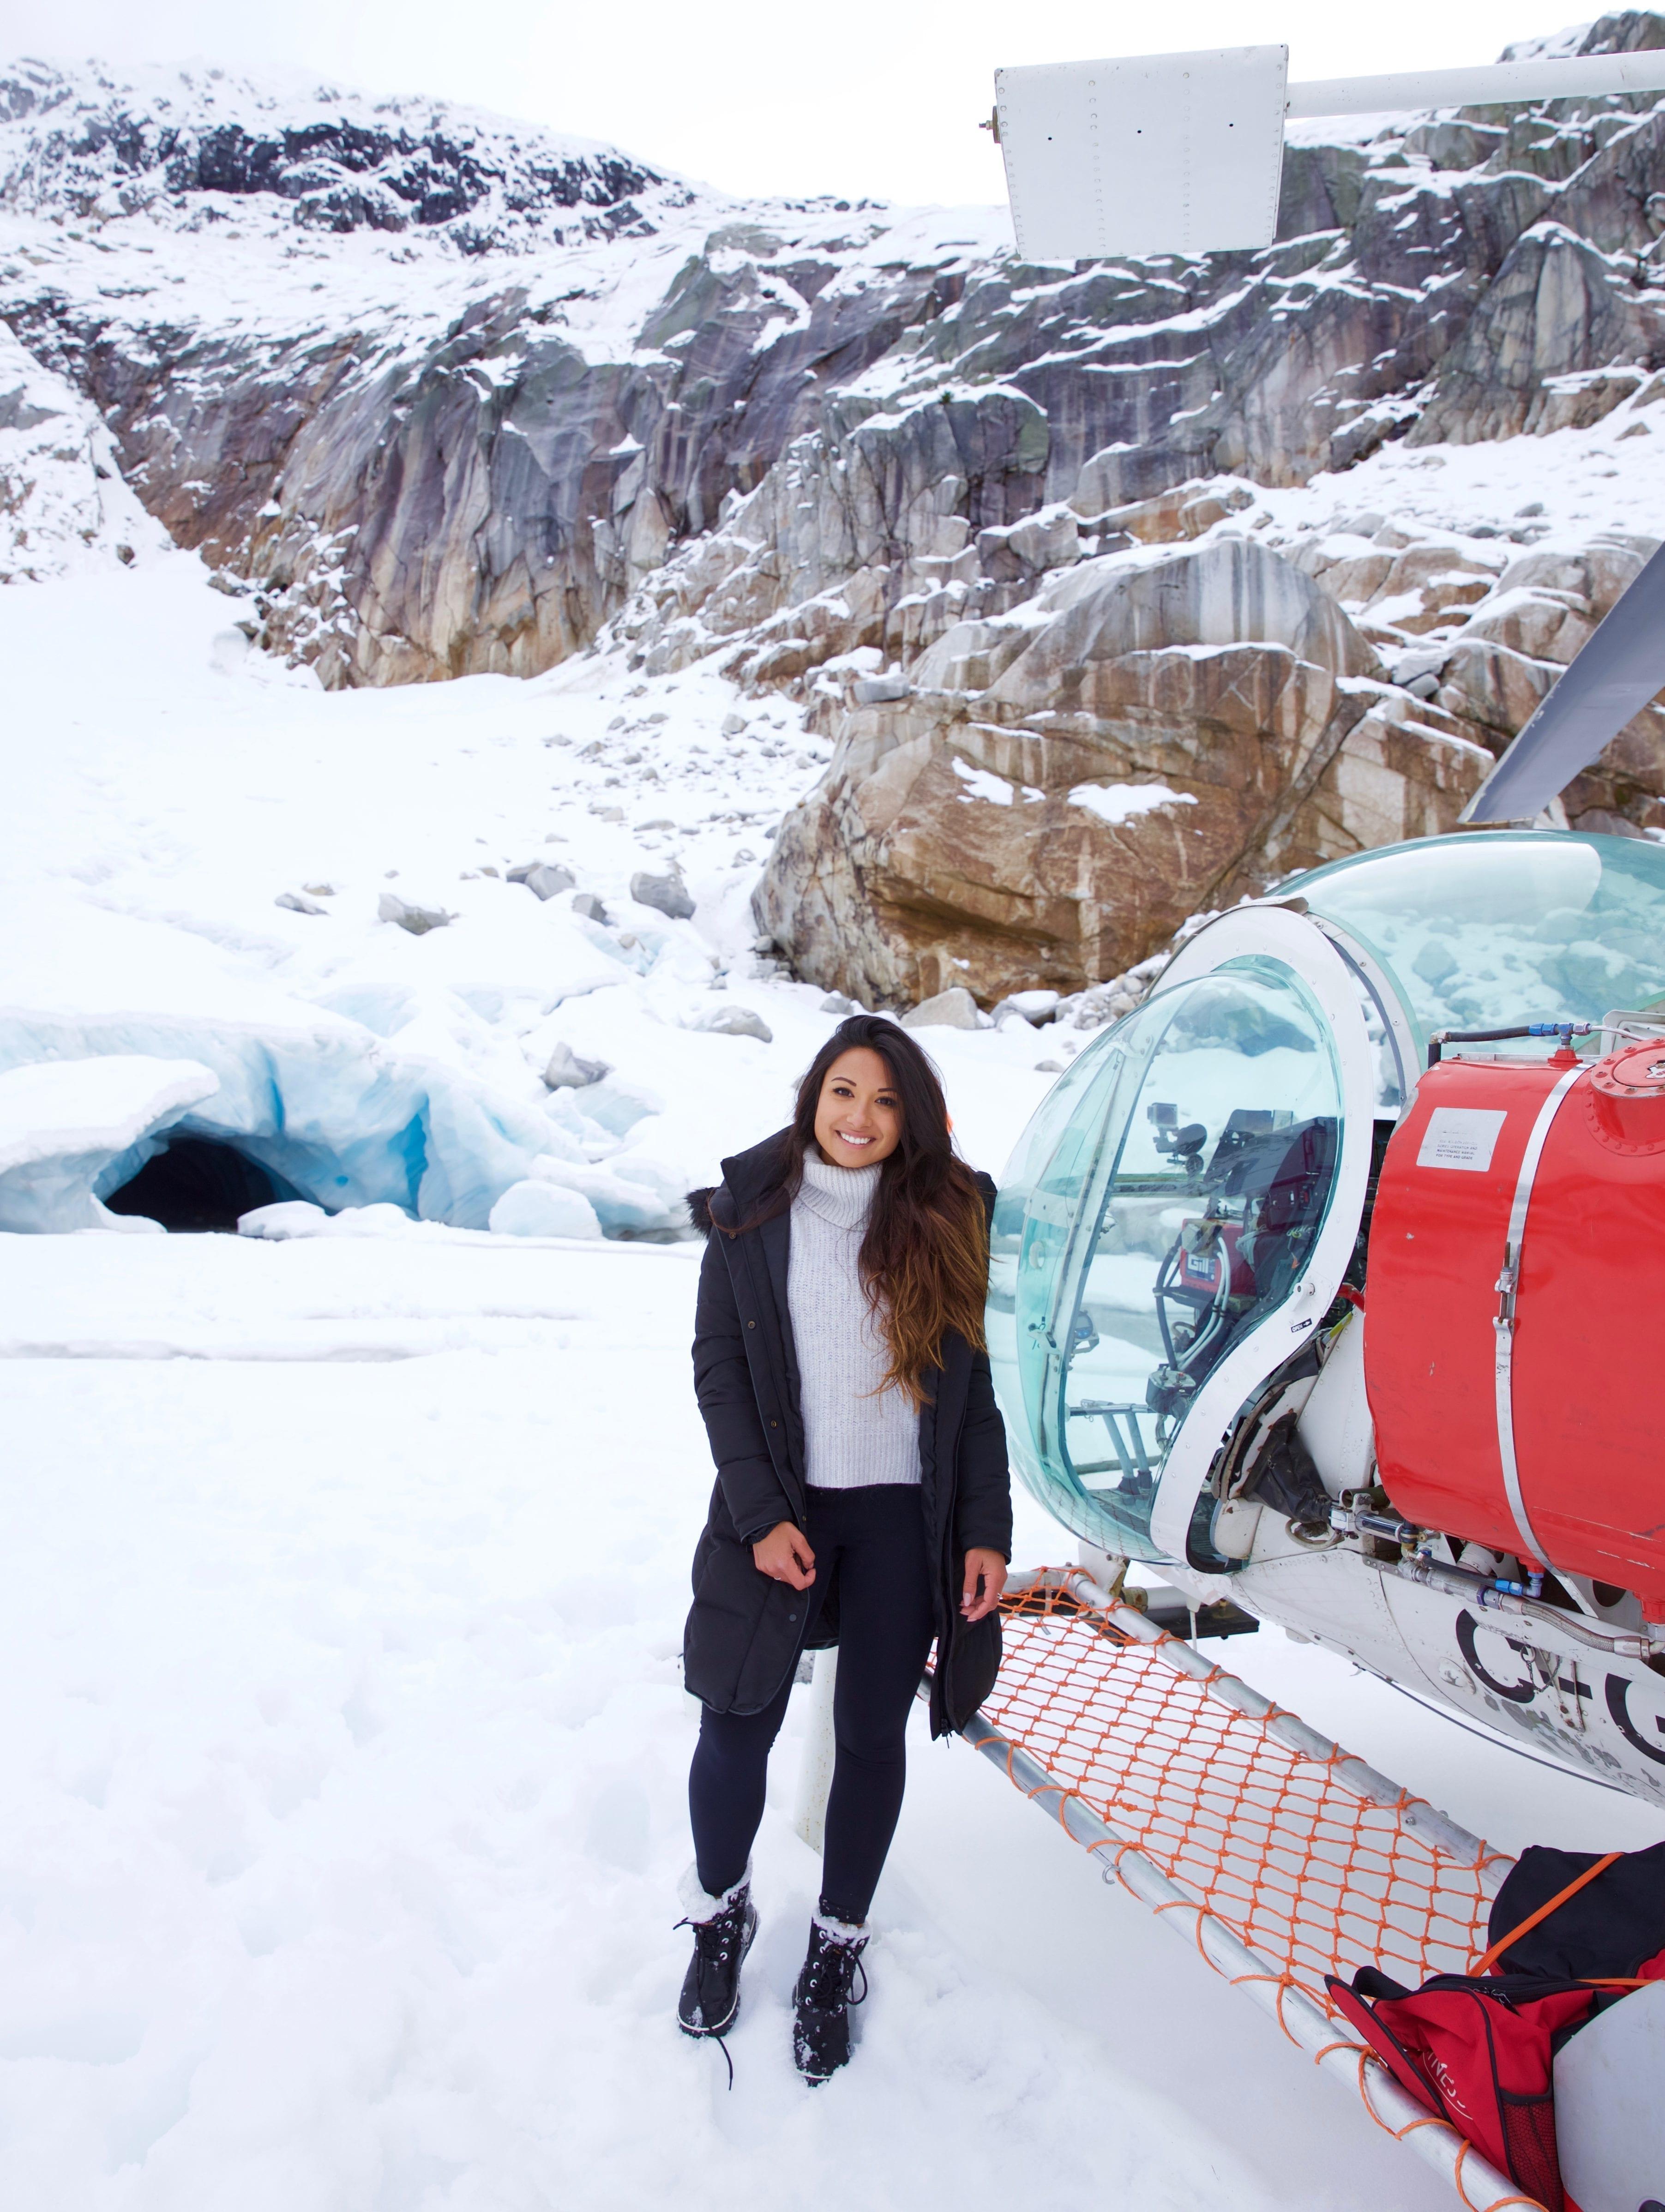 Heli Ice Cave Exploring